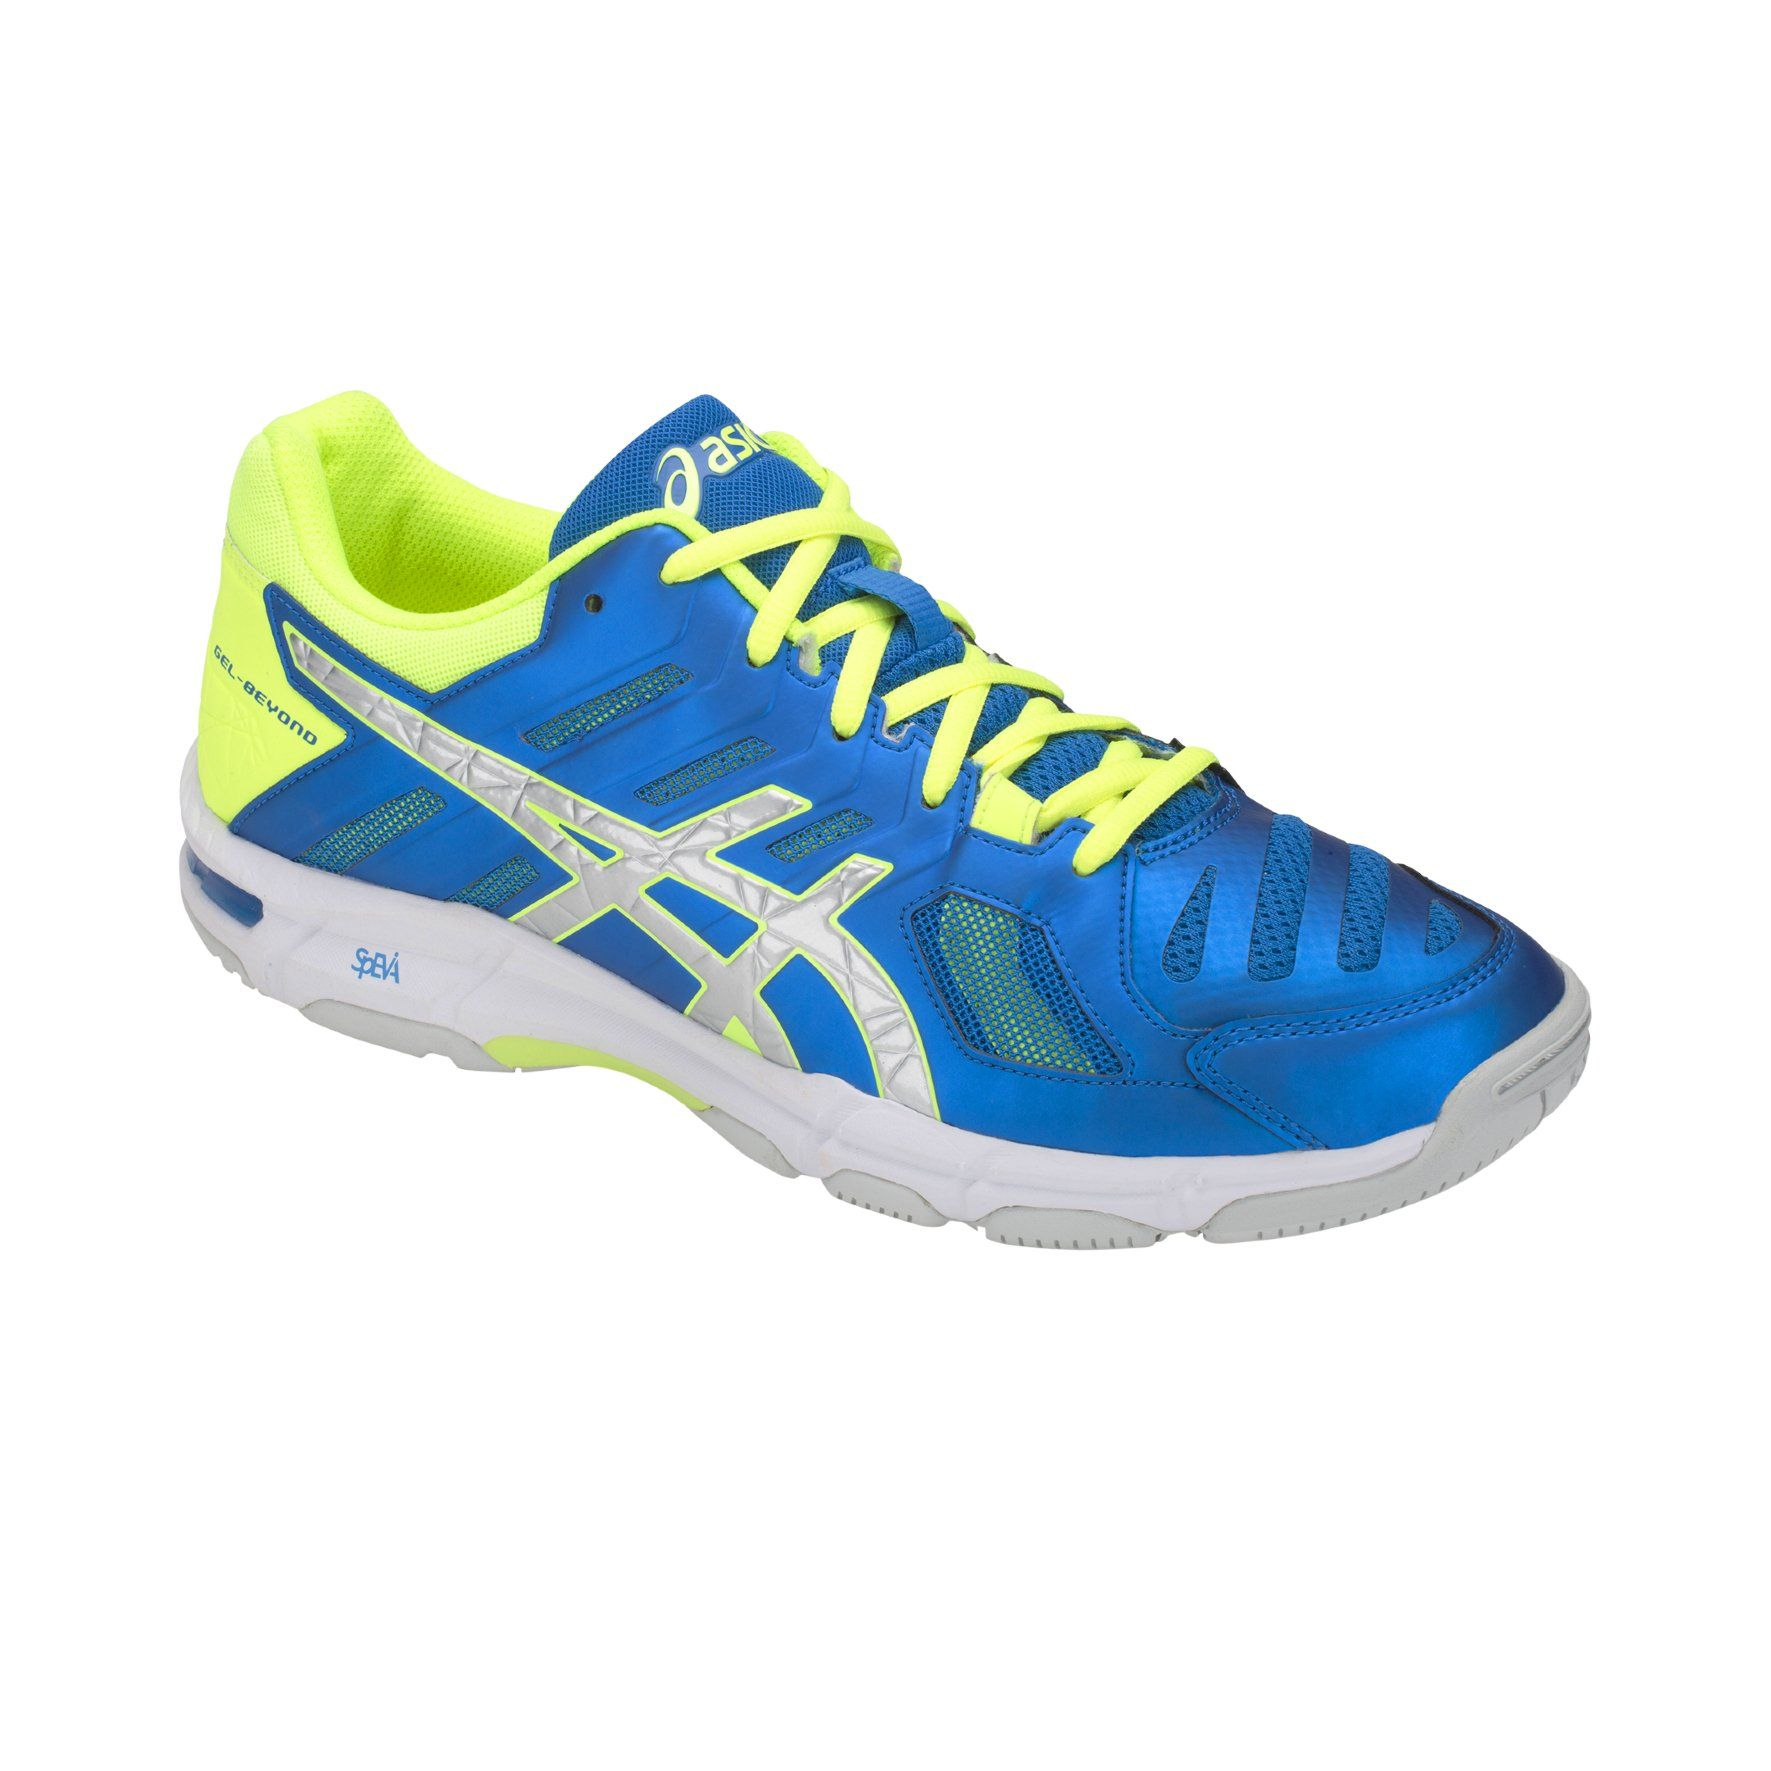 ASICS Gel-Beyond 5 Men's Indoor Court Shoes